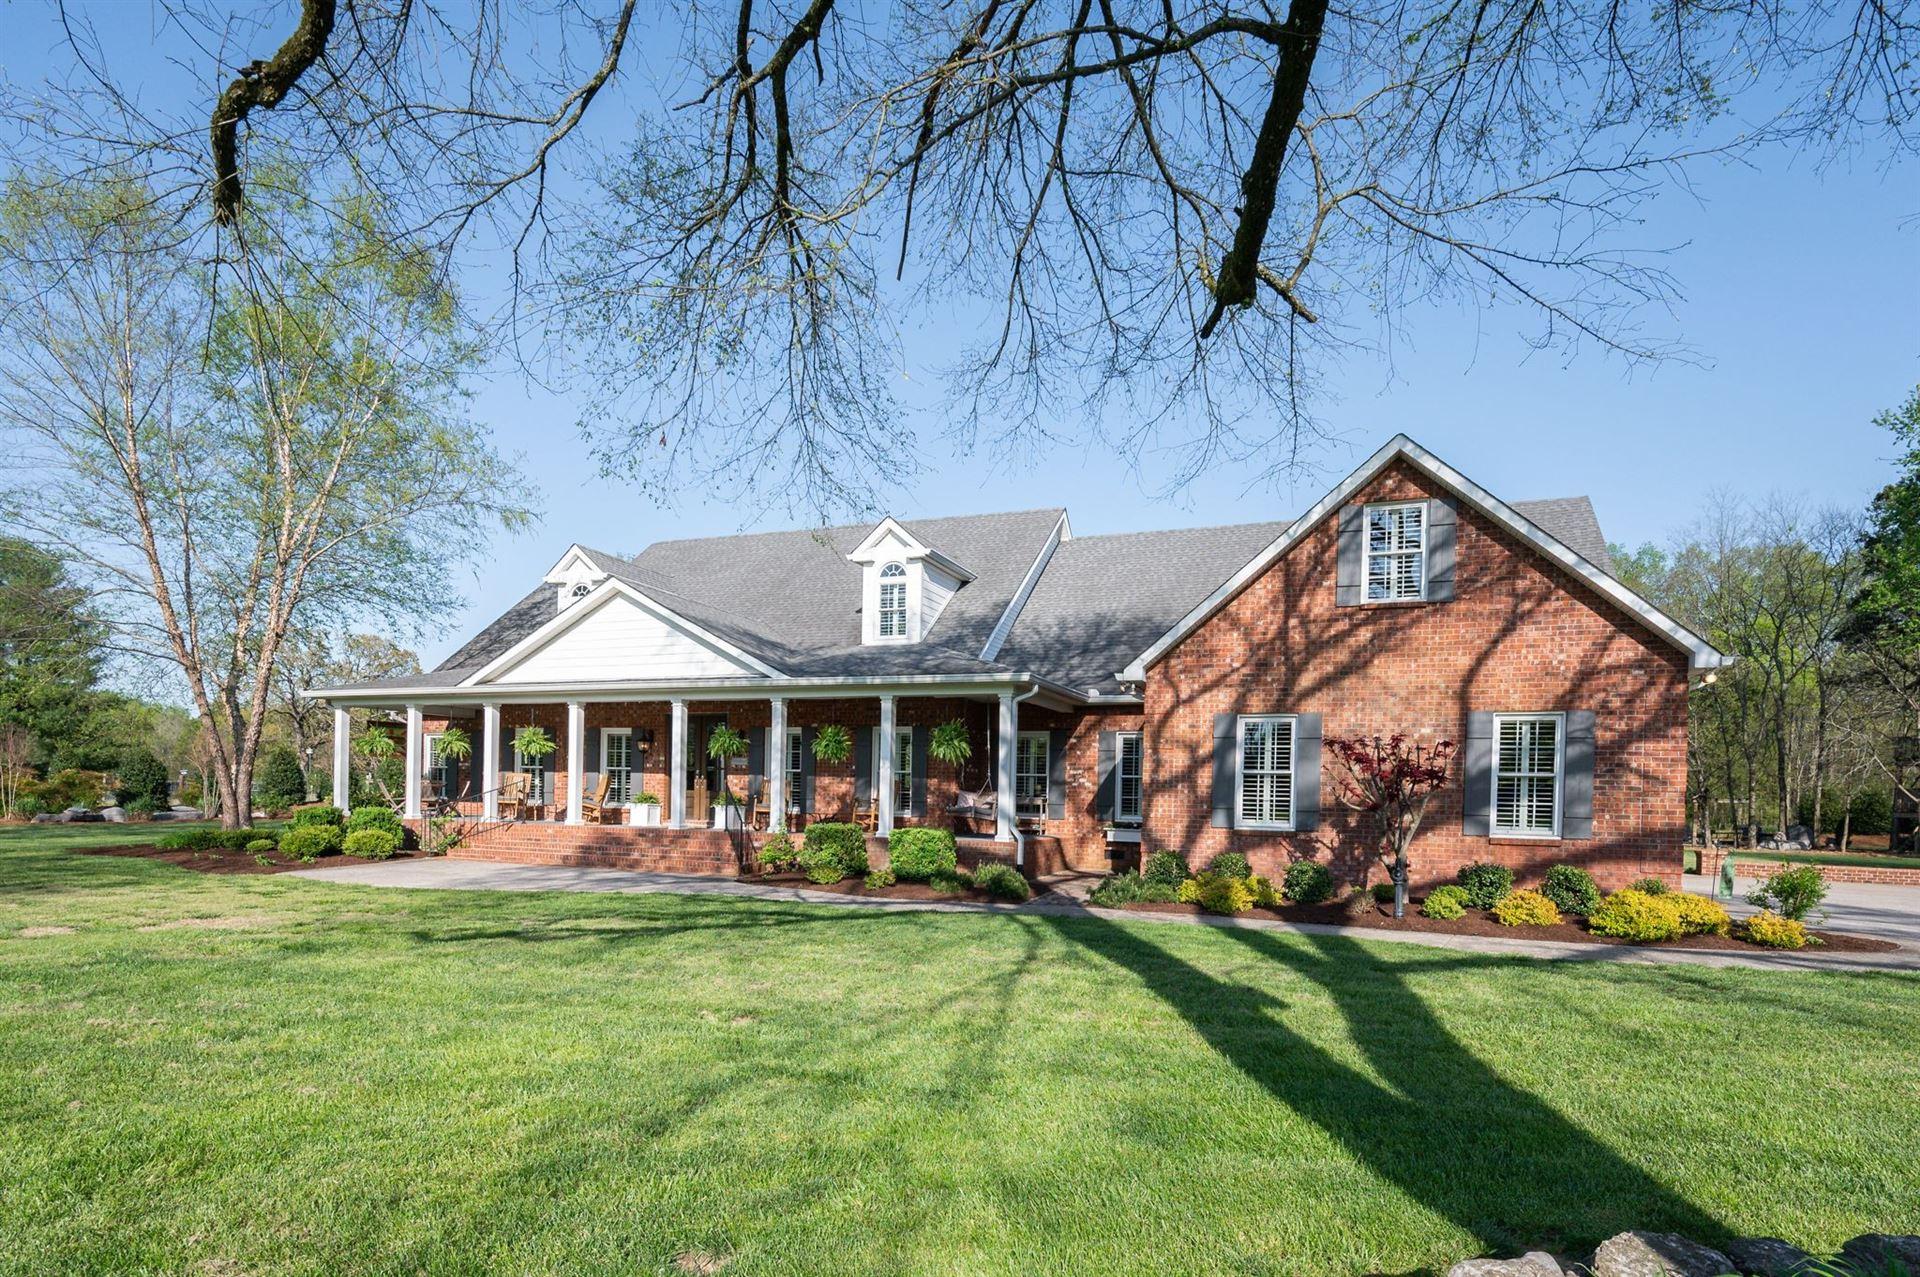 Photo of 141 Spence Creek Lane, Murfreesboro, TN 37128 (MLS # 2244447)